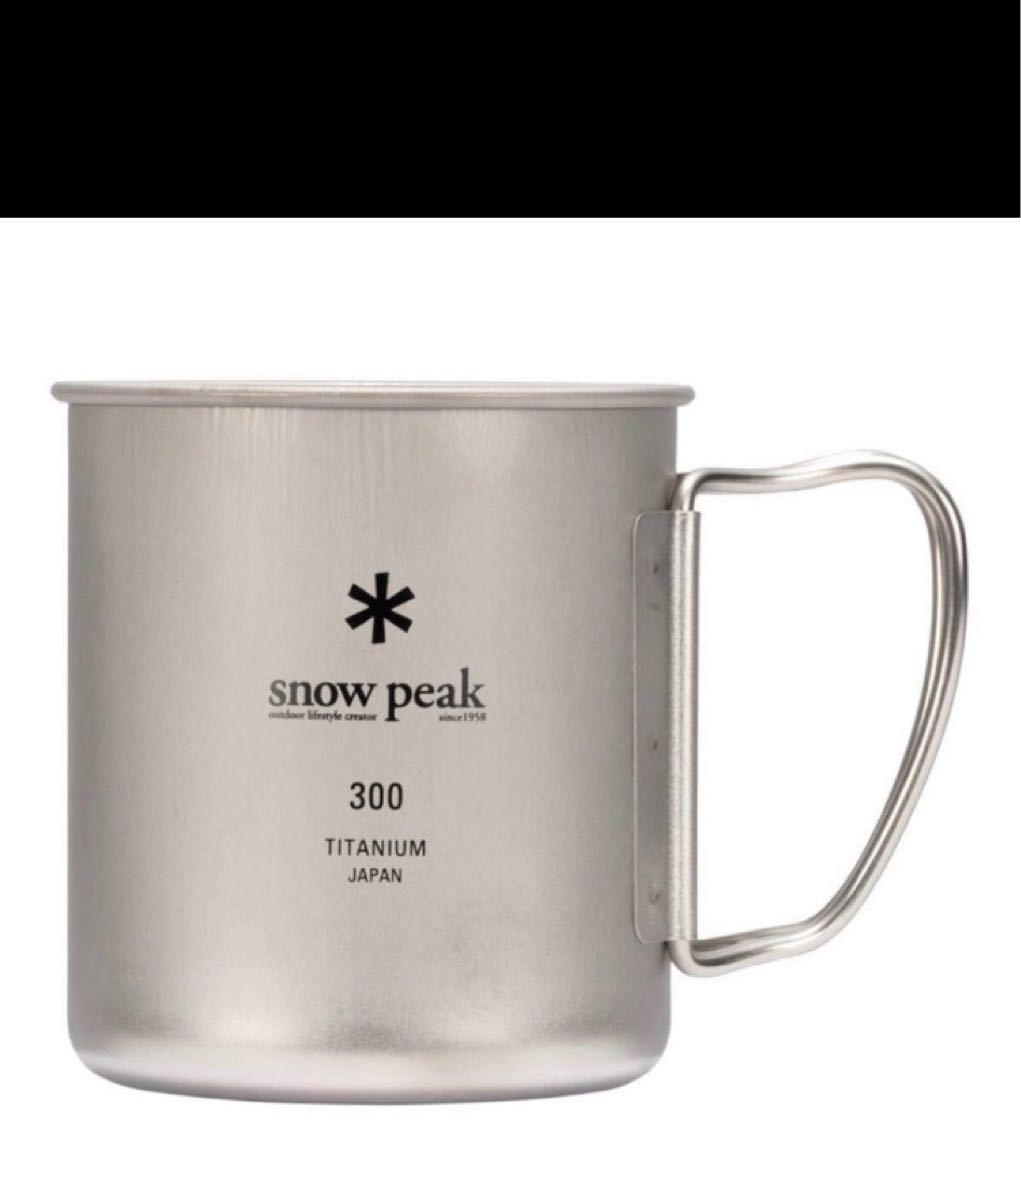 【新品・未開封】スノーピーク snow peak チタンシングルマグ 300 2個セット